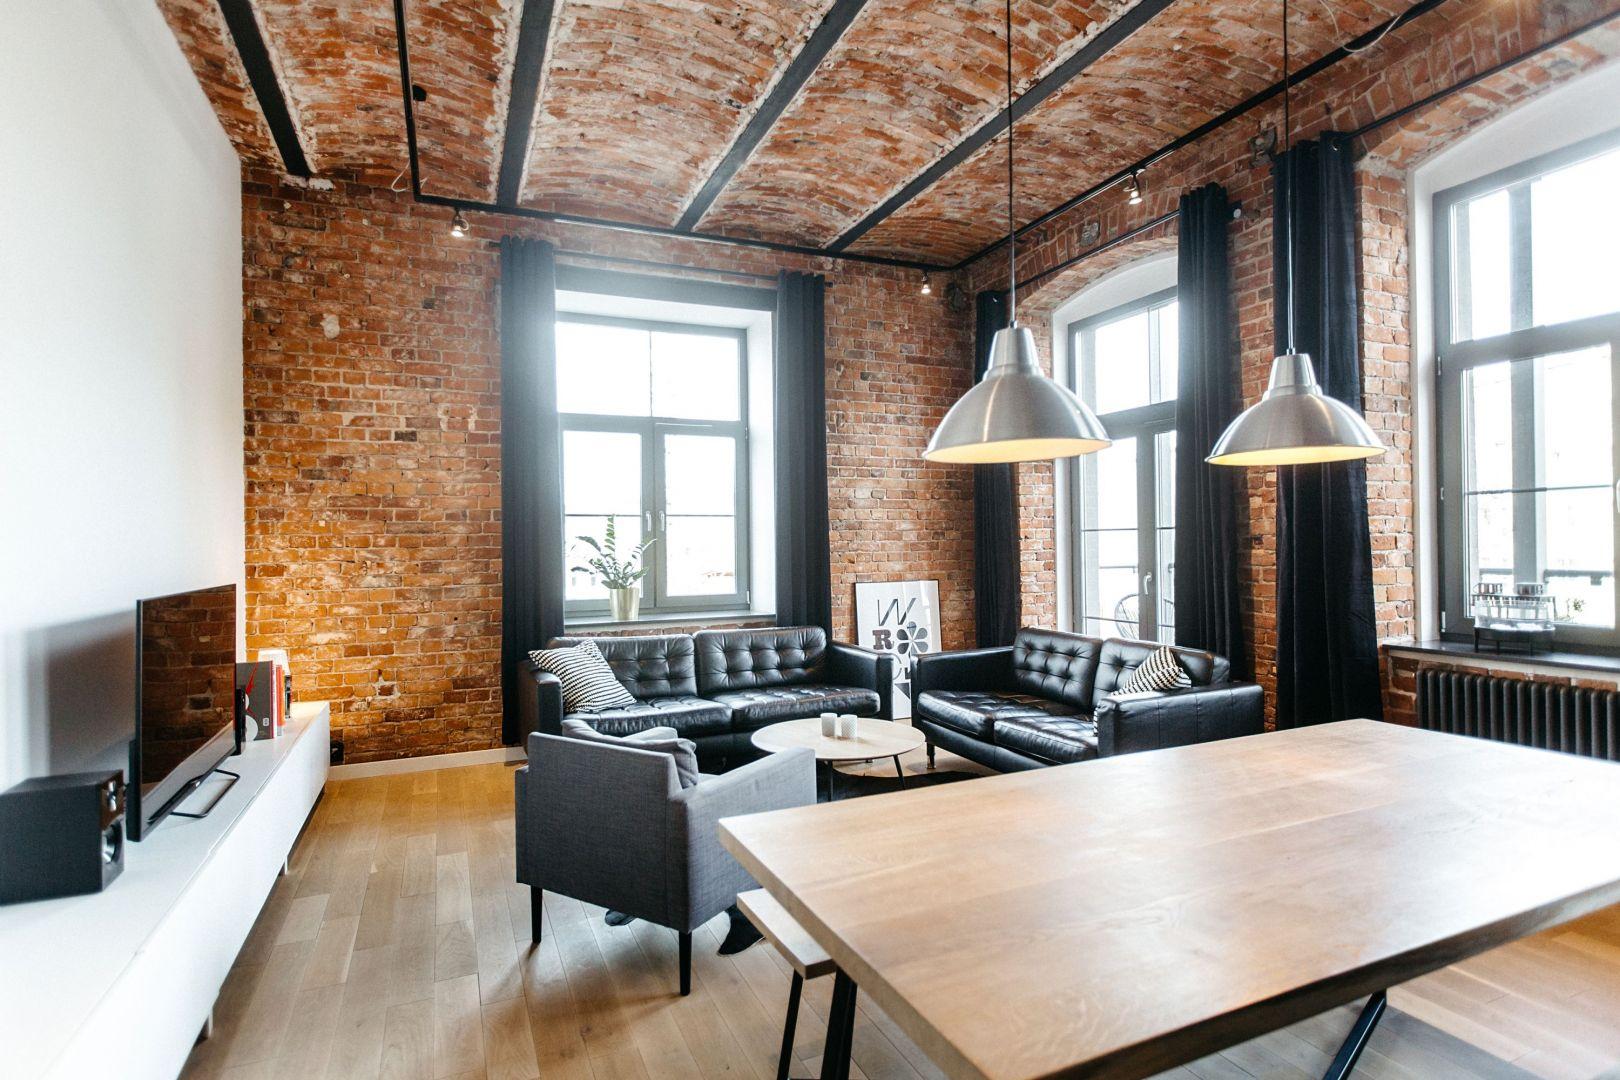 Styl industrialny, loftowy we wnętrzach. Projekt i zdjęcia: Nowa Papiernia